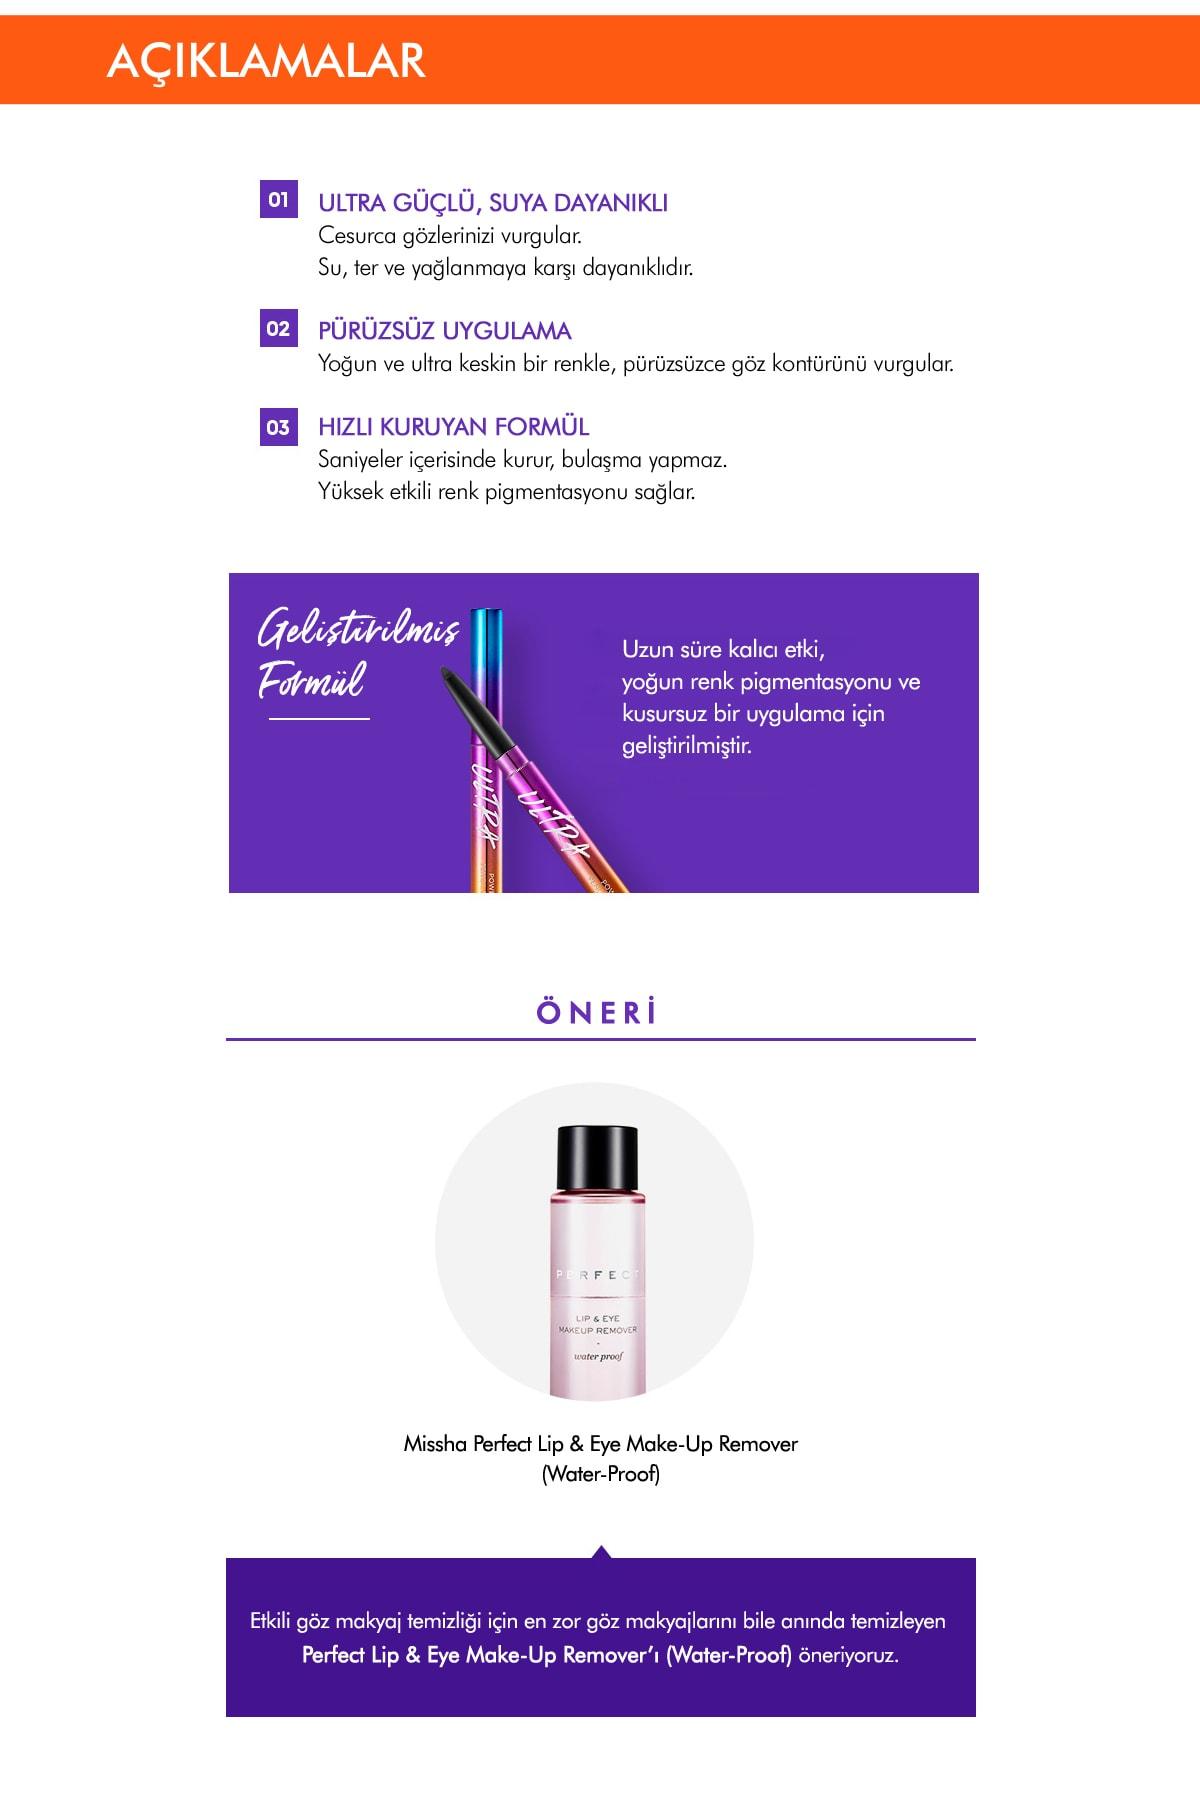 Missha Suya Dayanıklı Kalıcı Jel Göz Kalemi Ultra Powerproof Pencil Eyeliner Ash Brown 2